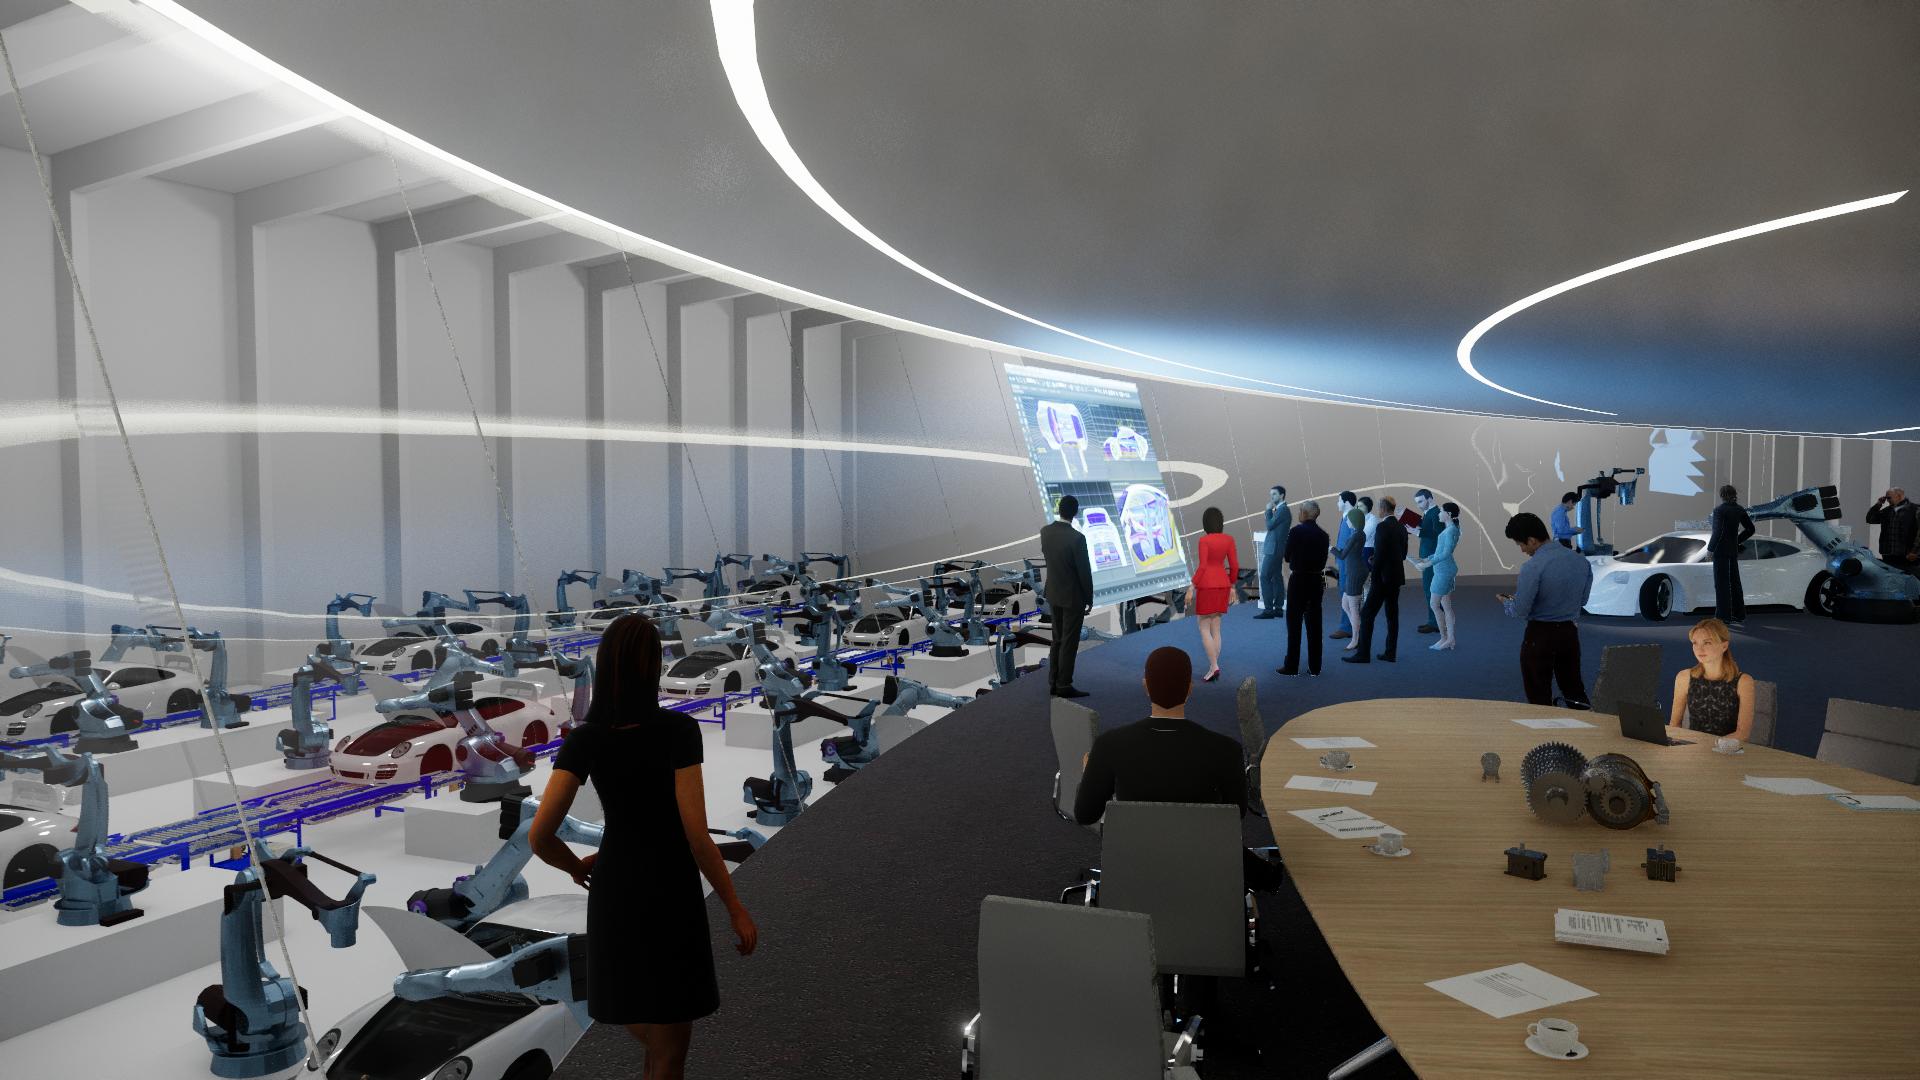 plan 11 - Showroom als spektakulärer Halleneinbau